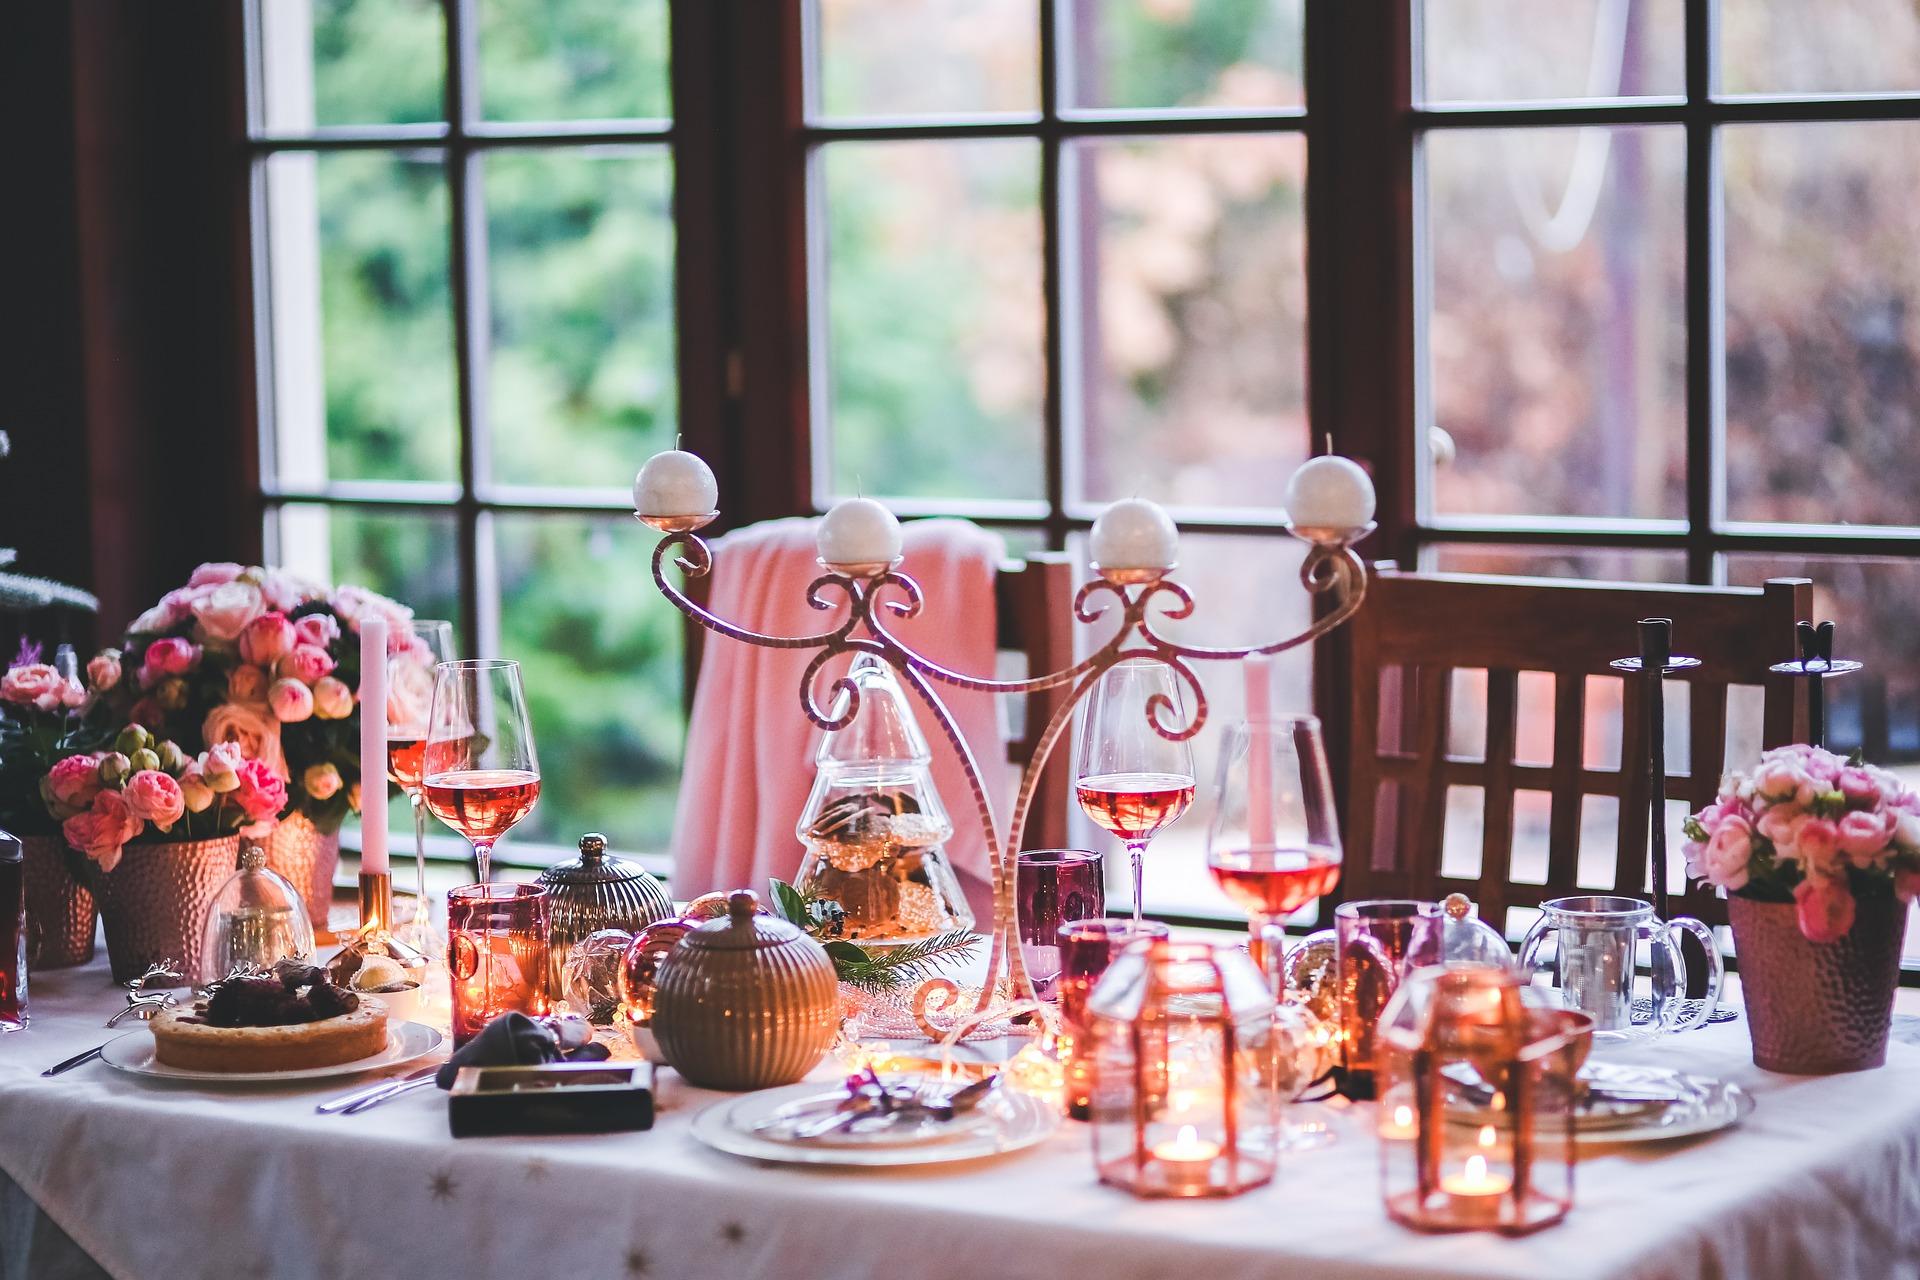 Christmas dinner - Hygge